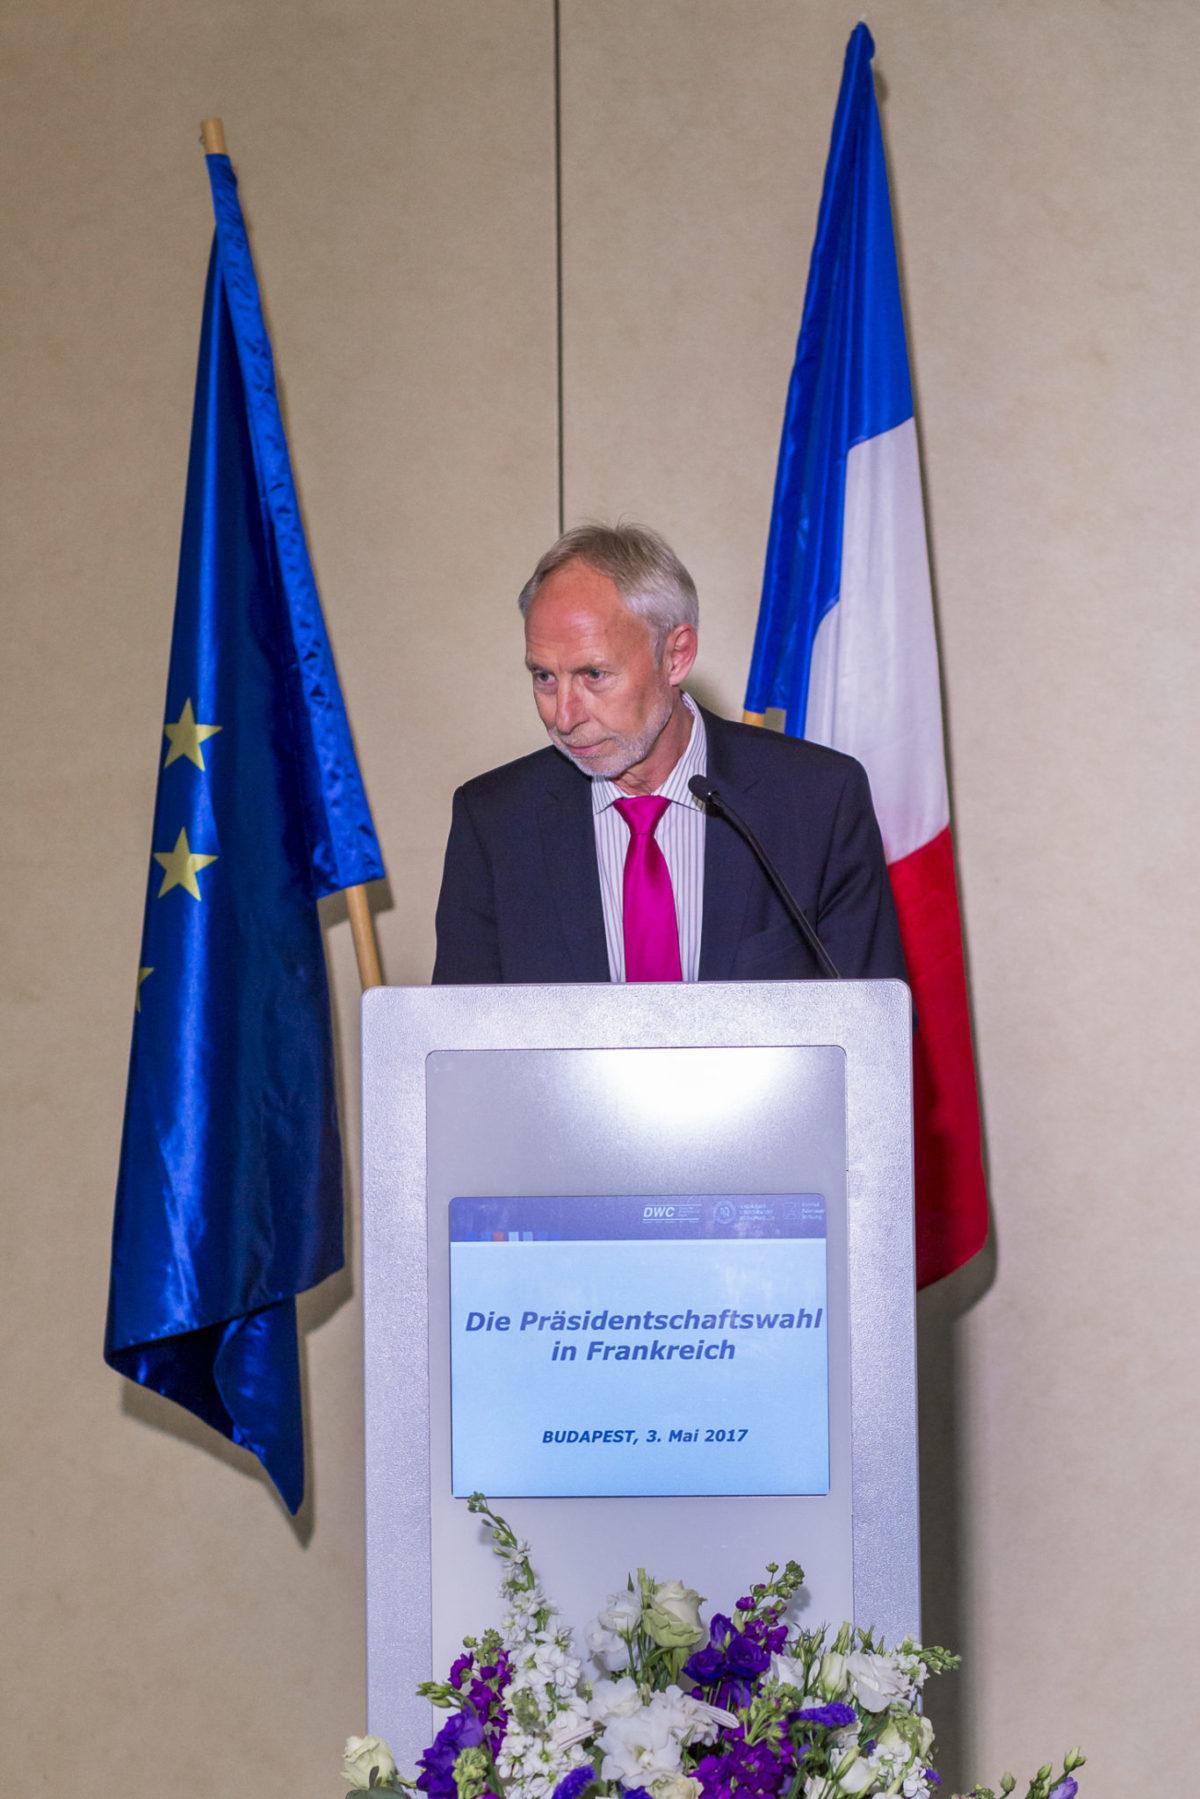 Die Präsidentschaftswahl in Frankreich